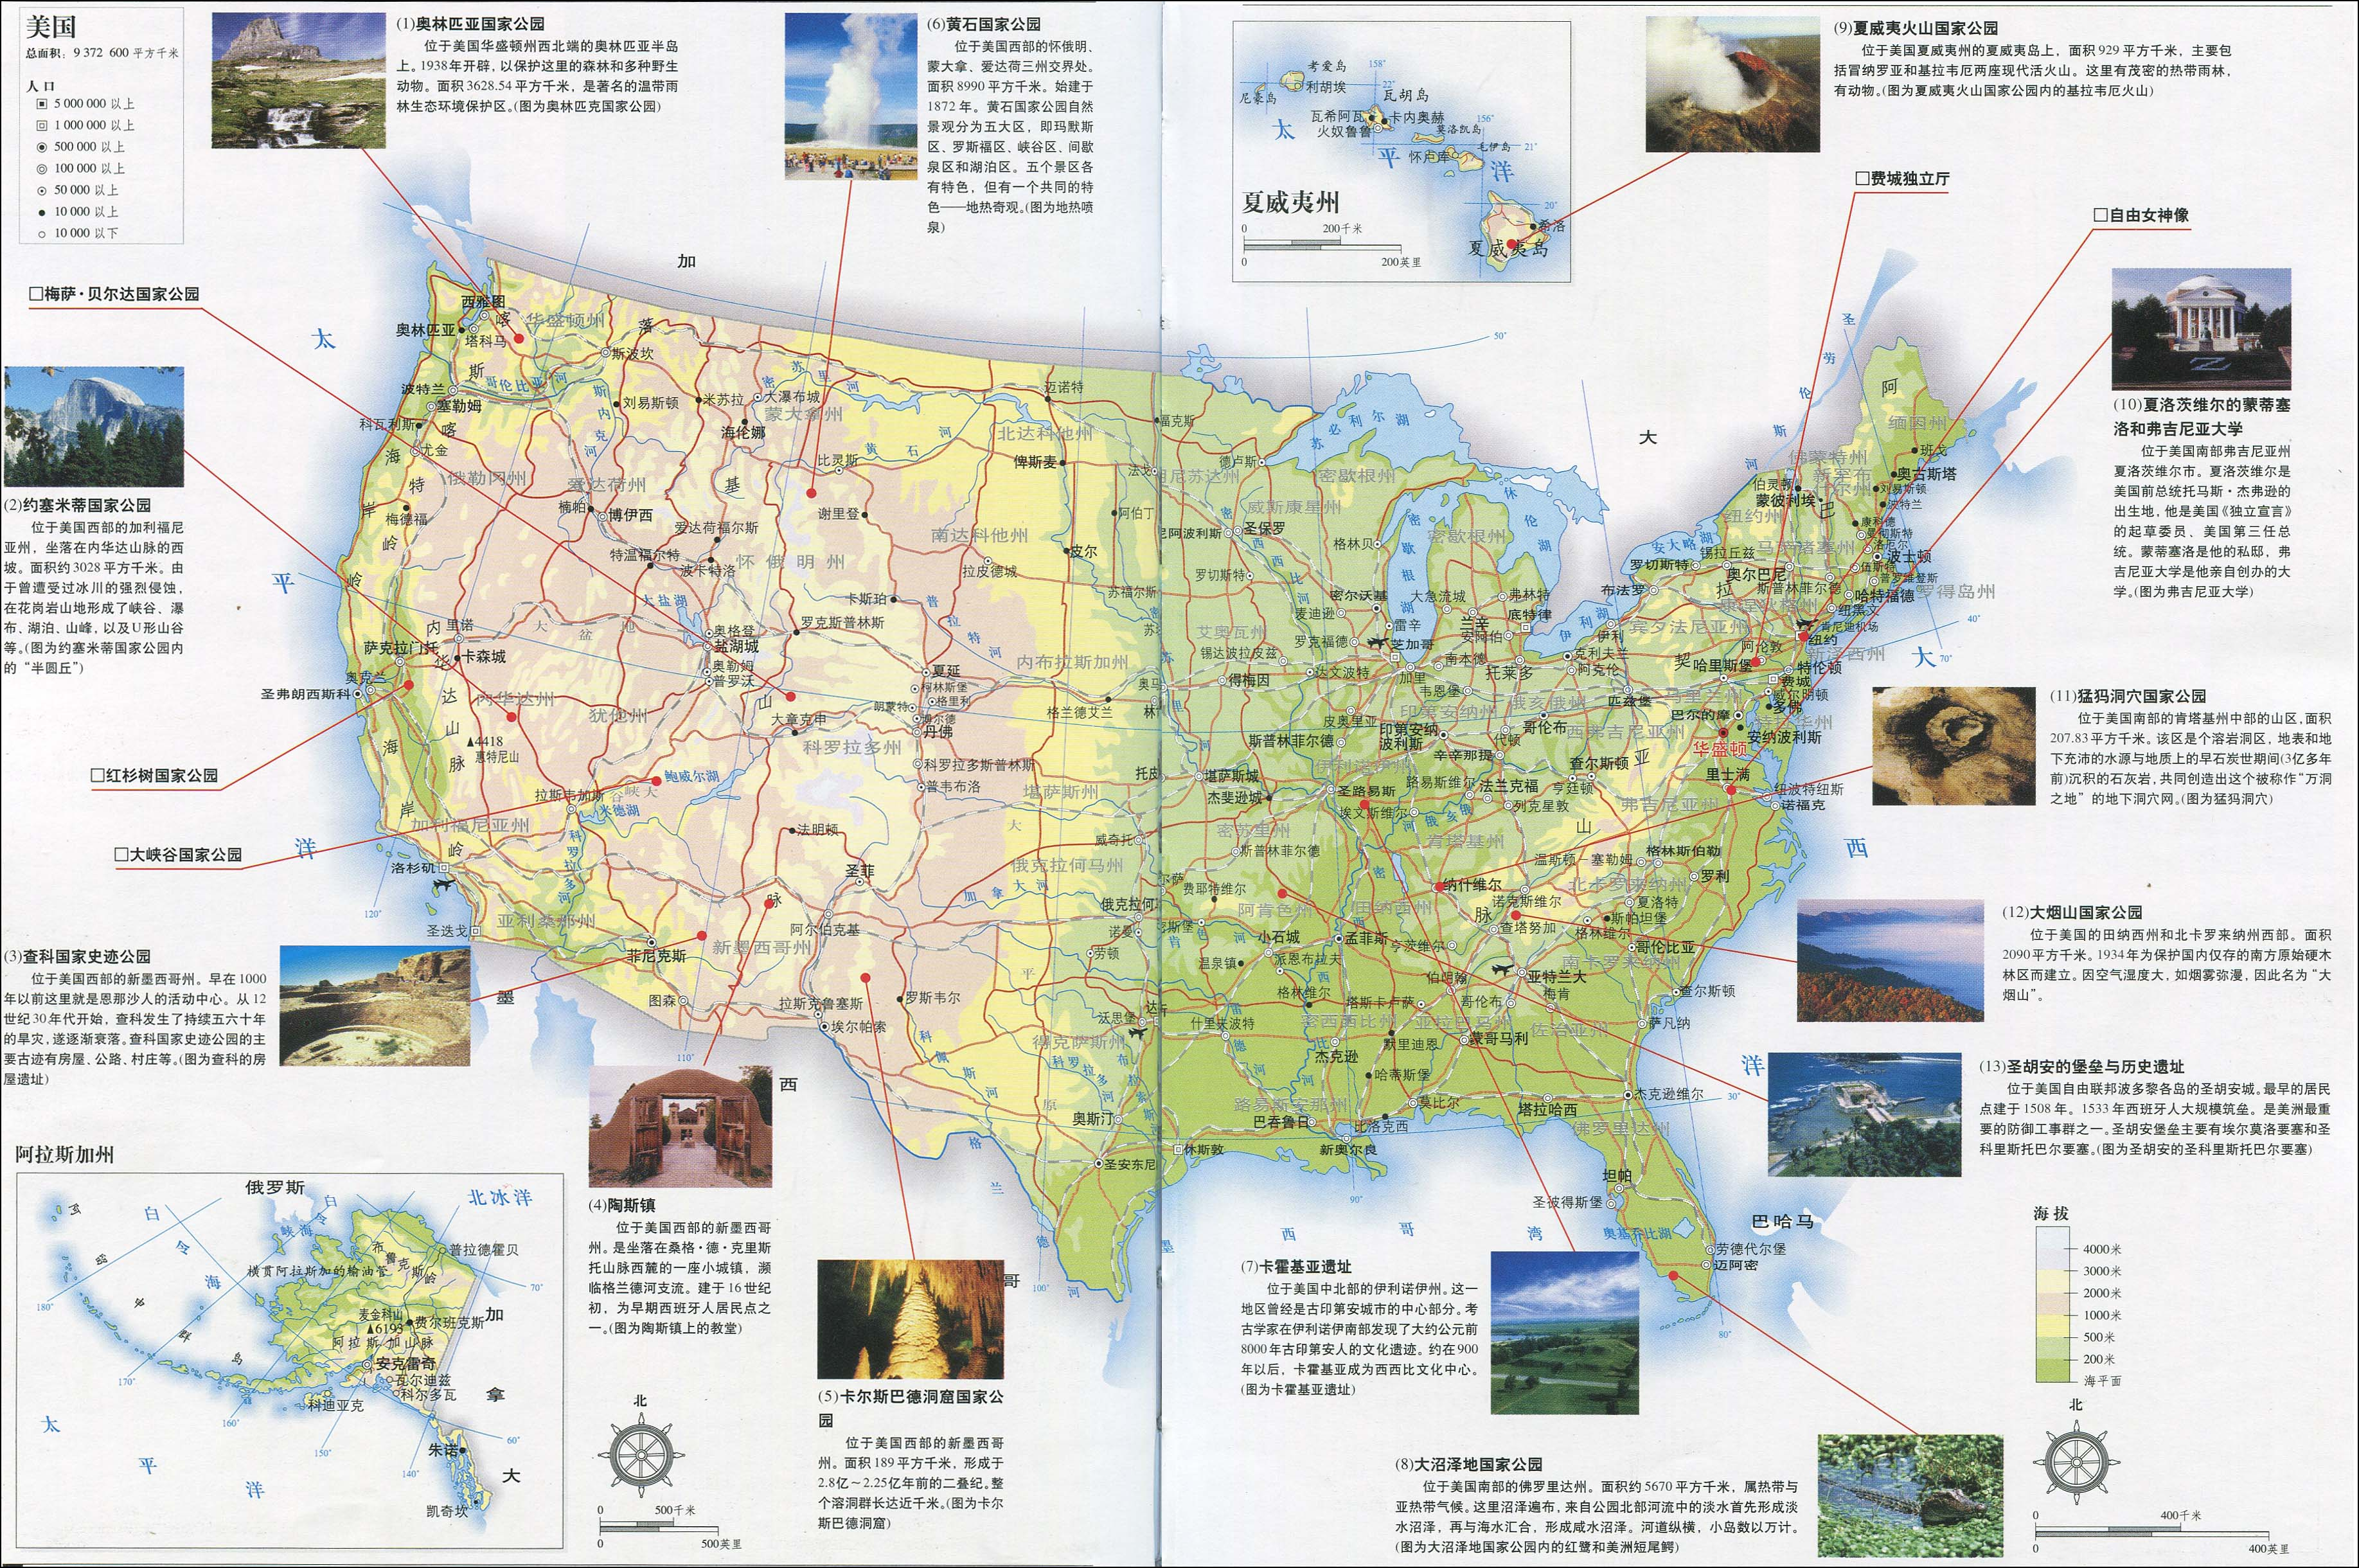 美国地�_美国旅游景点_美国地图库_地图窝